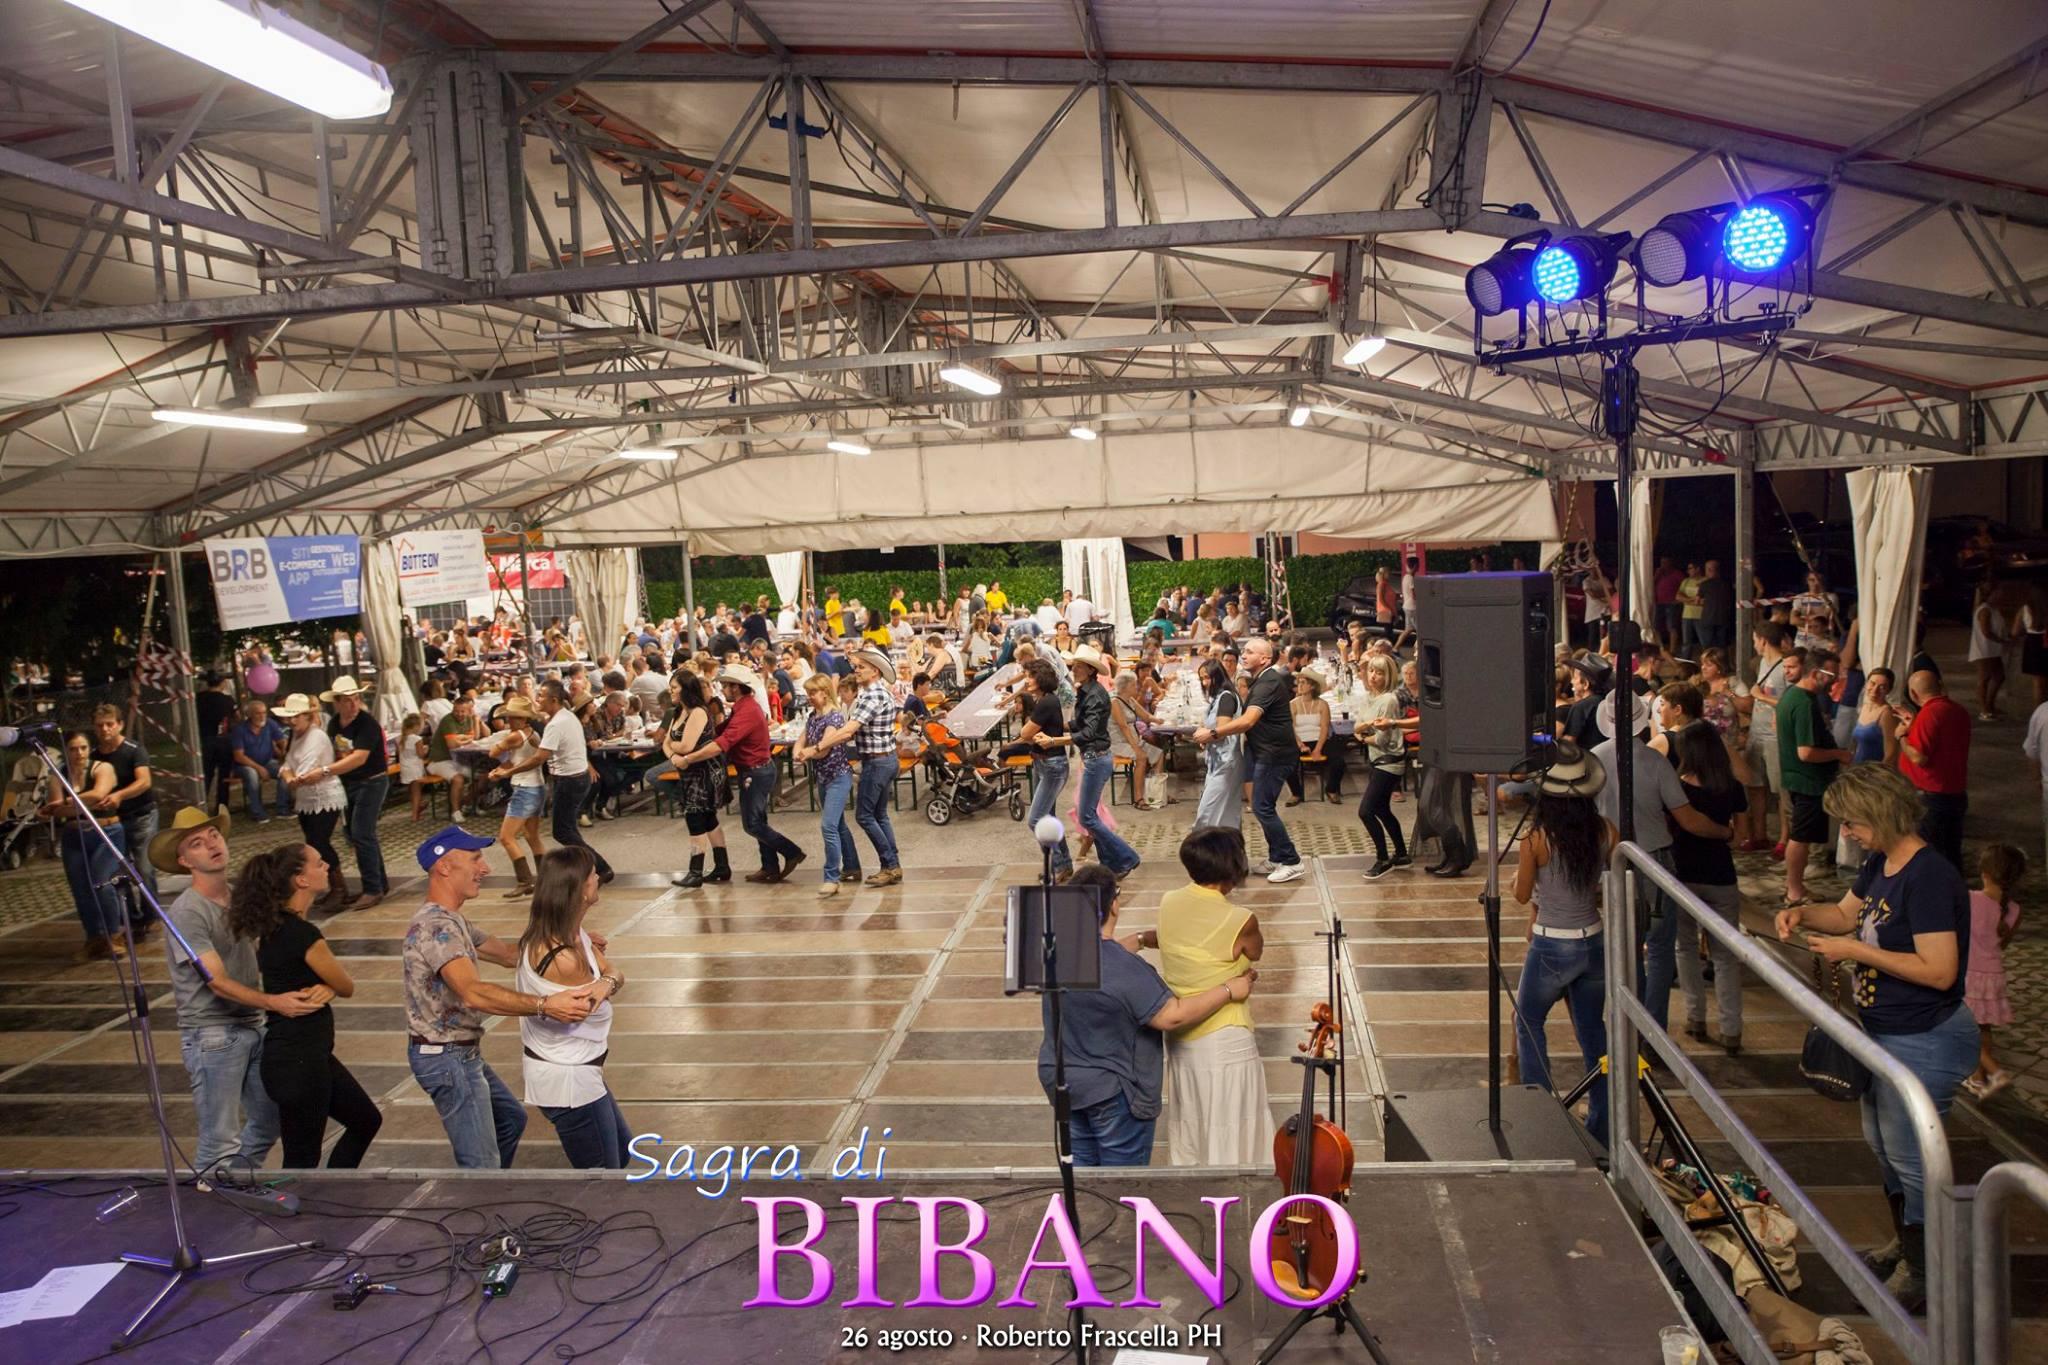 Sagra di Bibano 2017